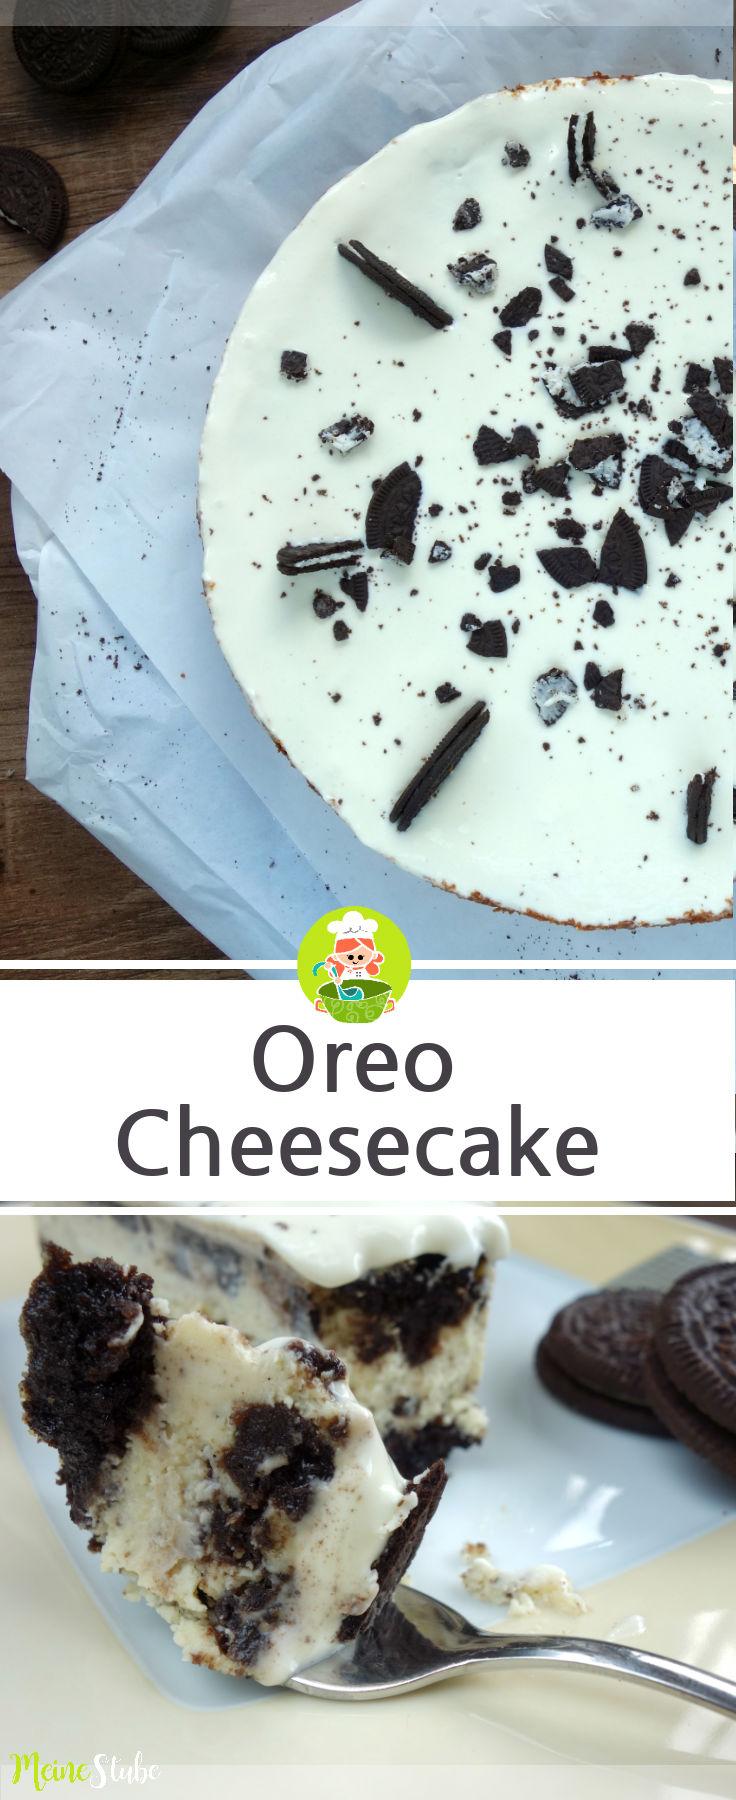 Rezept für einen Oreo Cheesecake, ein Kuchen aus Oreo Keksen.